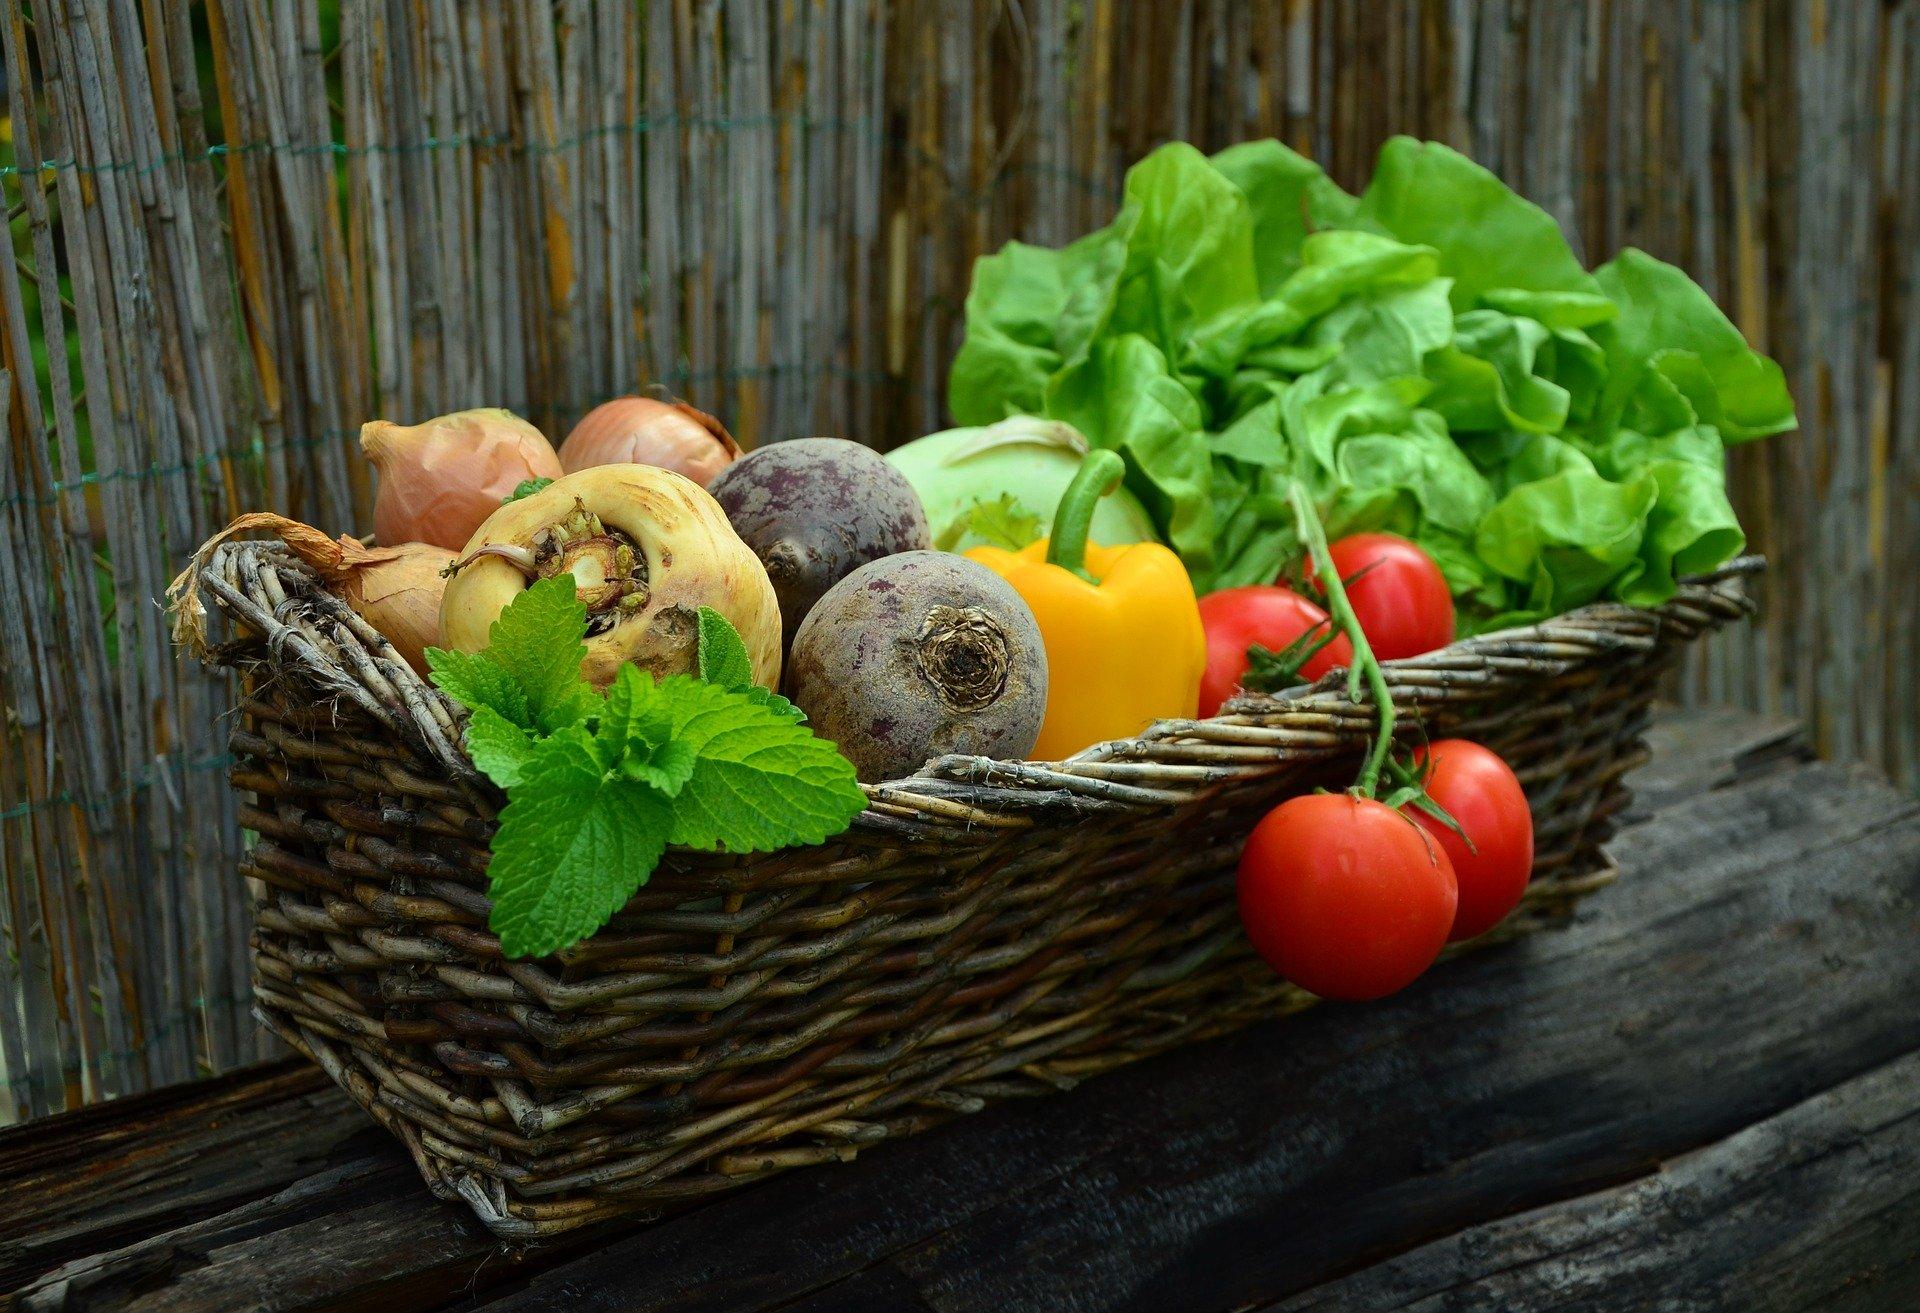 zelenina v košíku